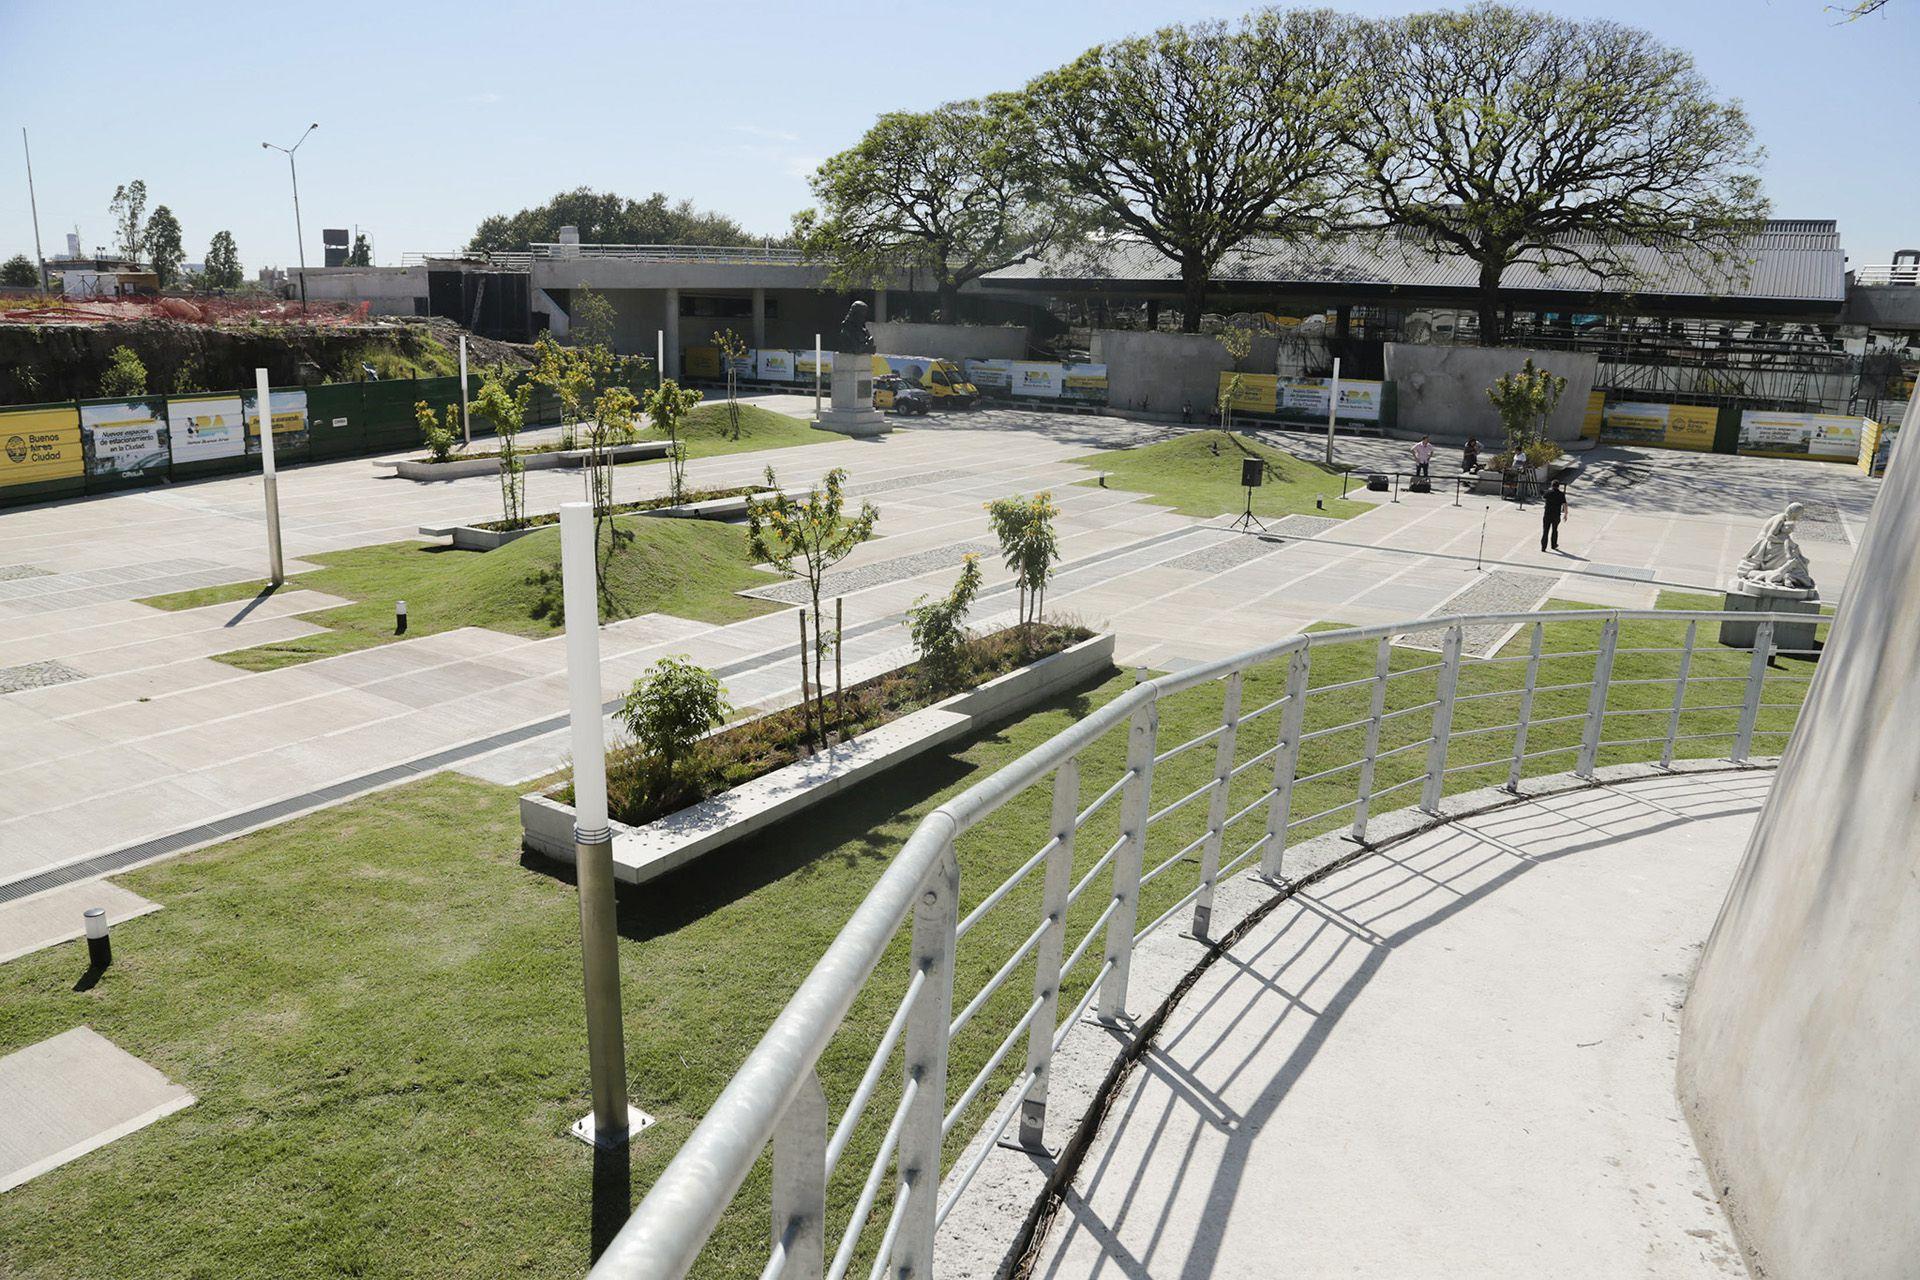 Cubierta Verde del Centro de Convenciones de la Ciudad, un espacio coptado por skaters